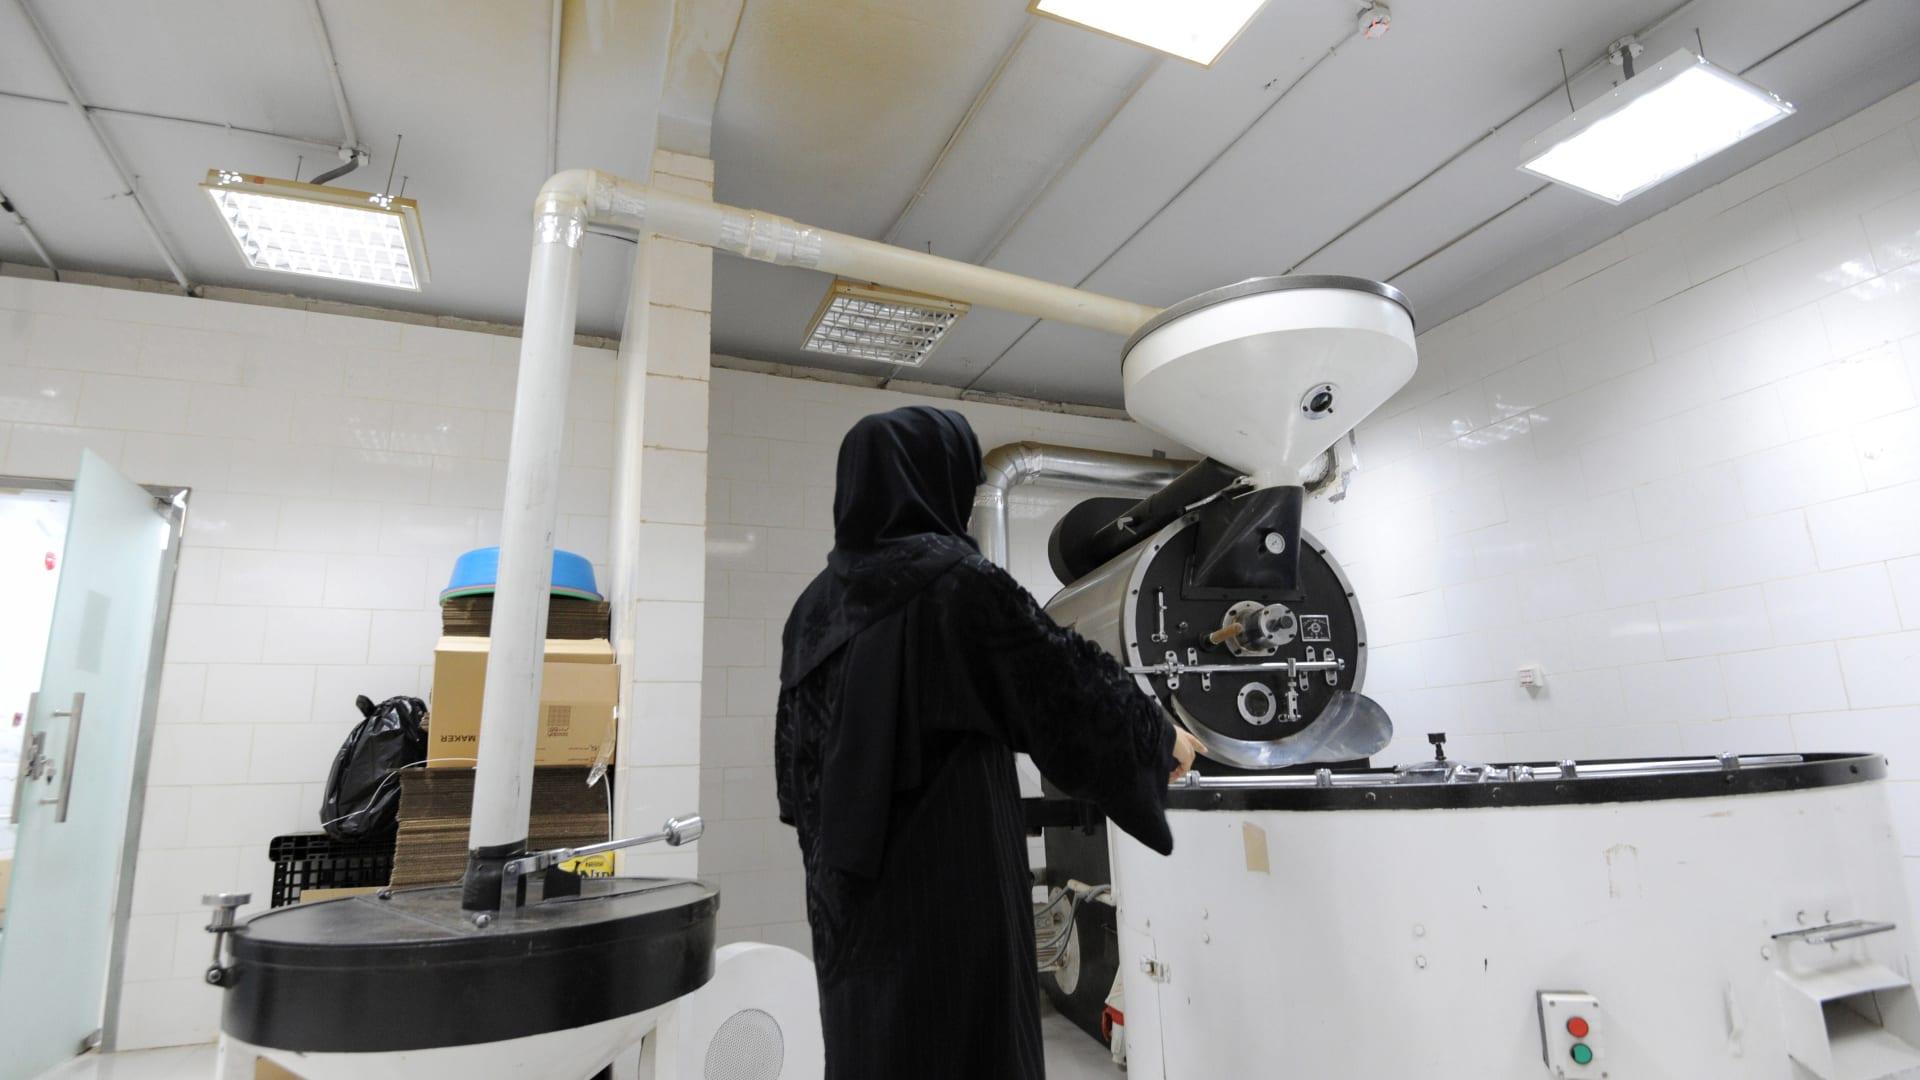 بالفيديو.. تقرير عن عمل المرأة الخليجية يكشف: تحسن كبير في الرواتب والشهادات والطموح